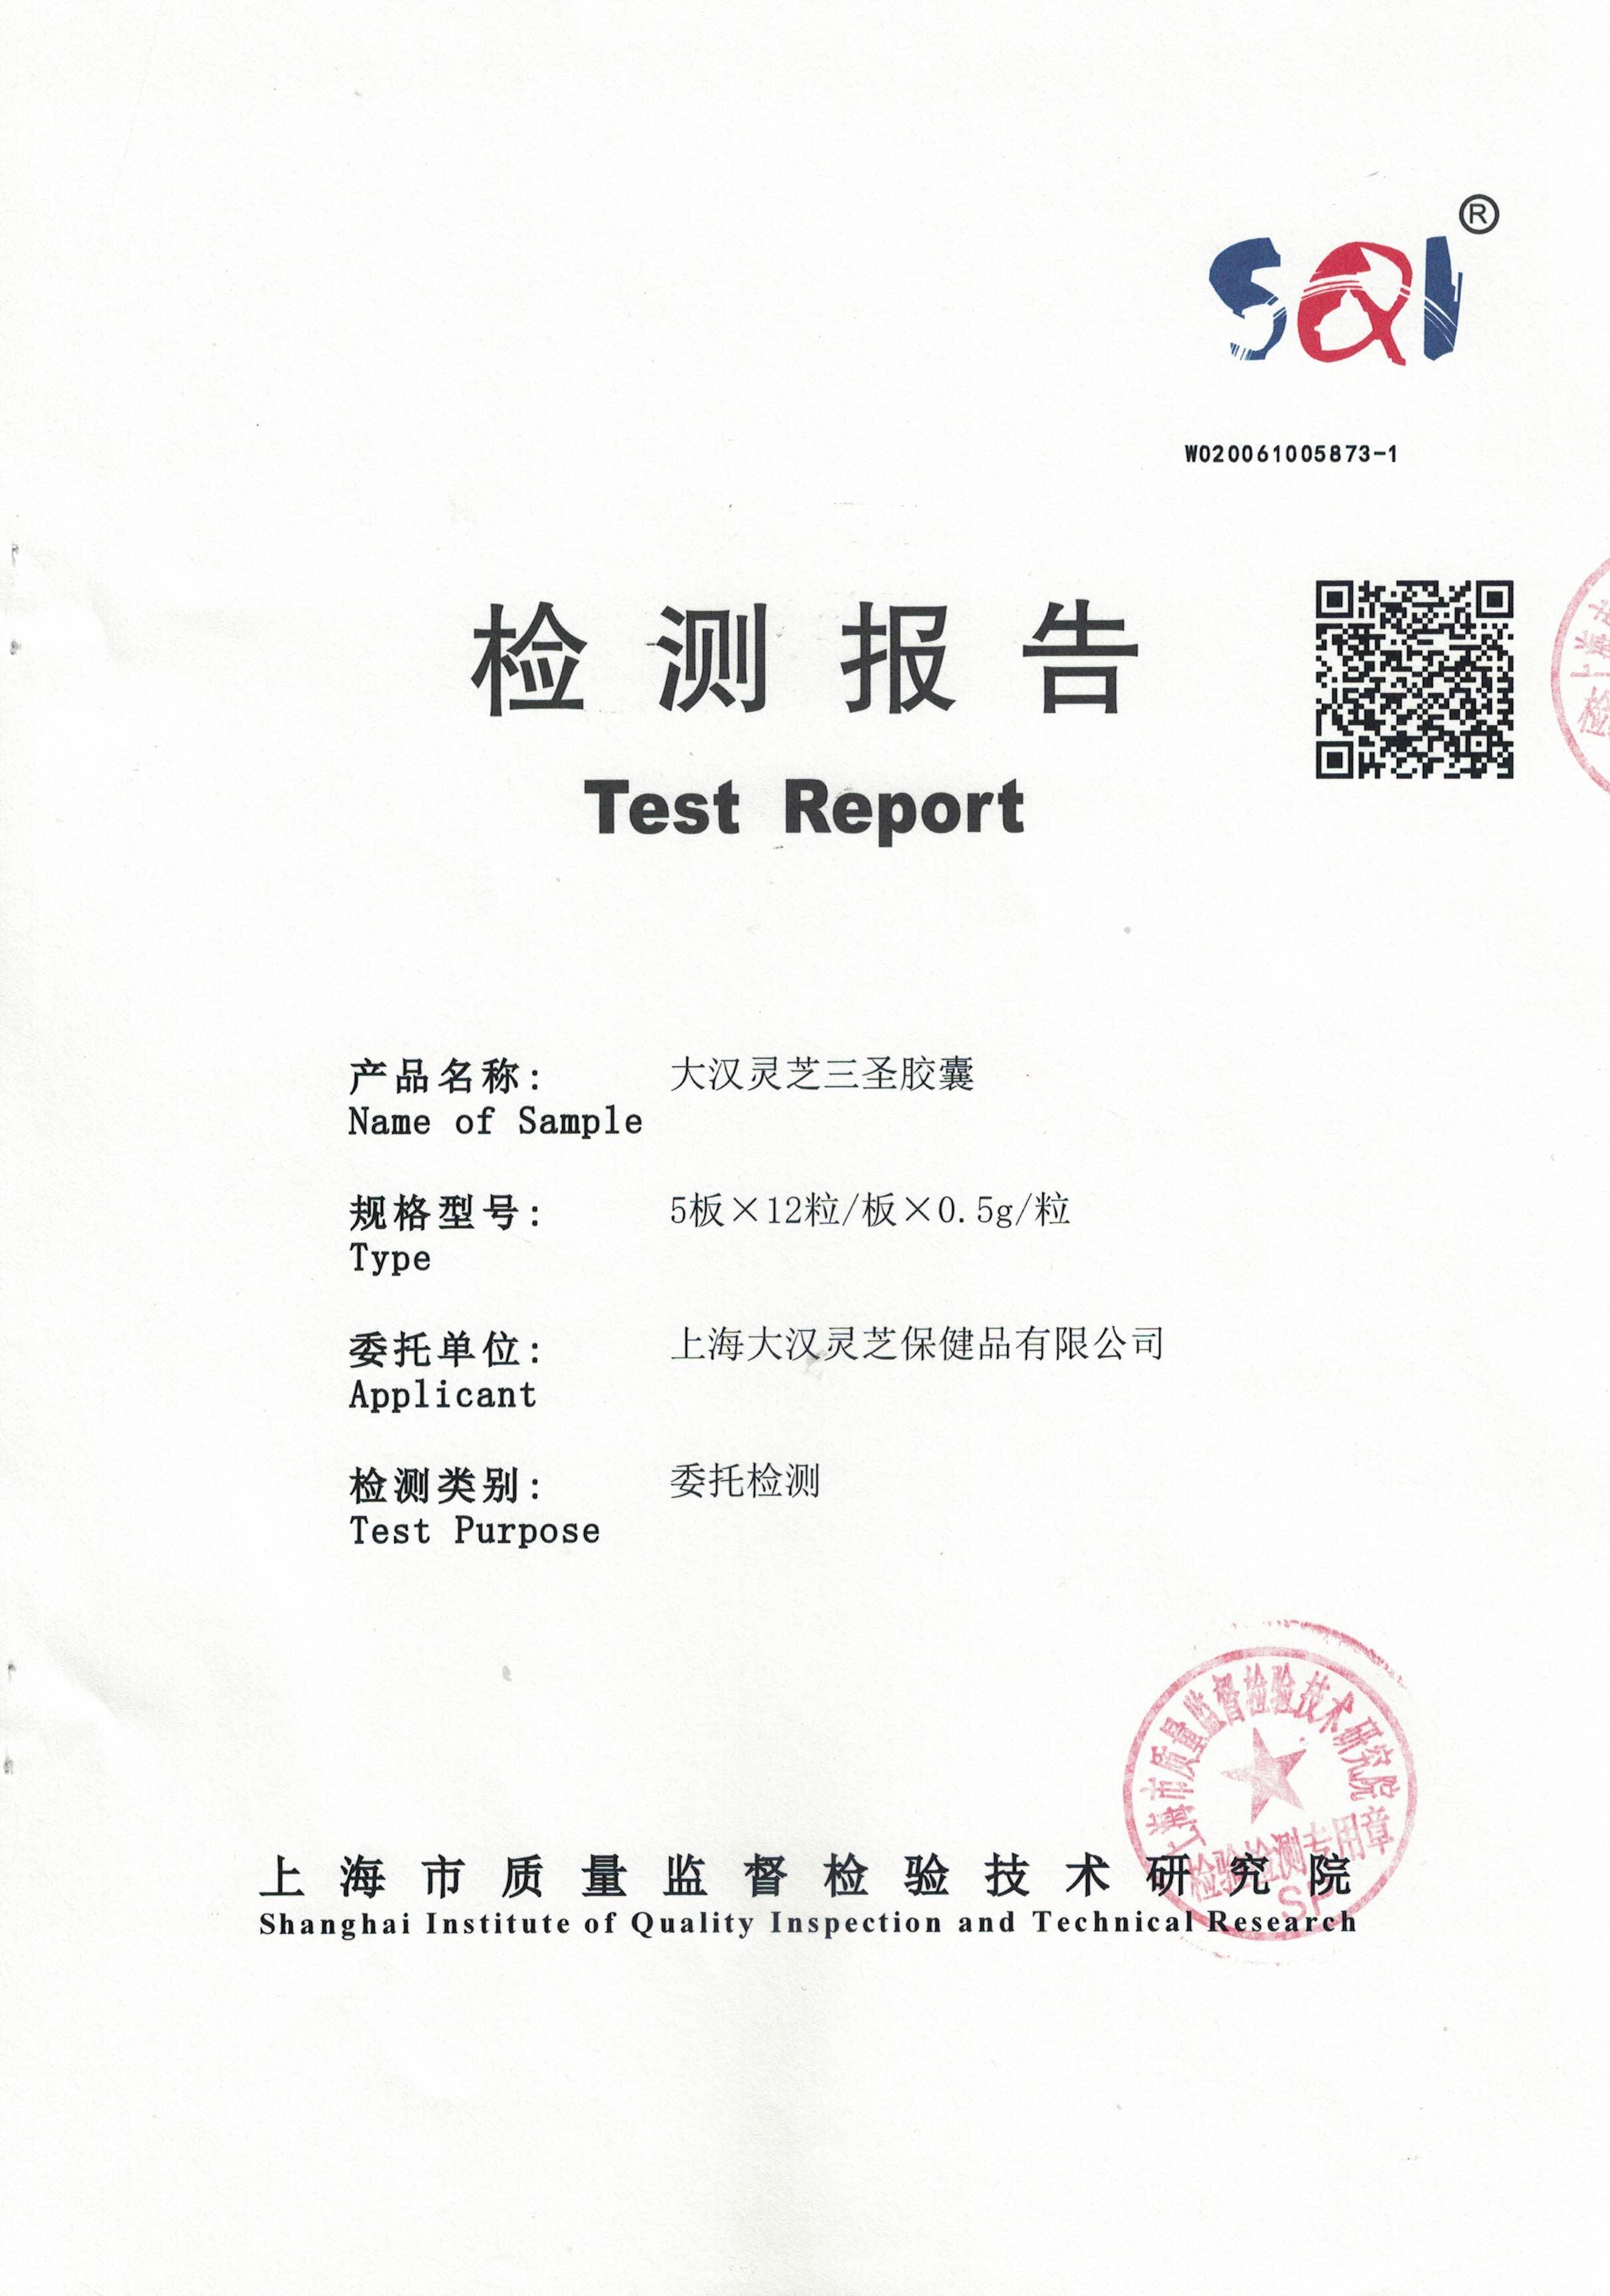 2020年 大汉灵芝三圣胶囊 有效成分含量检测报告